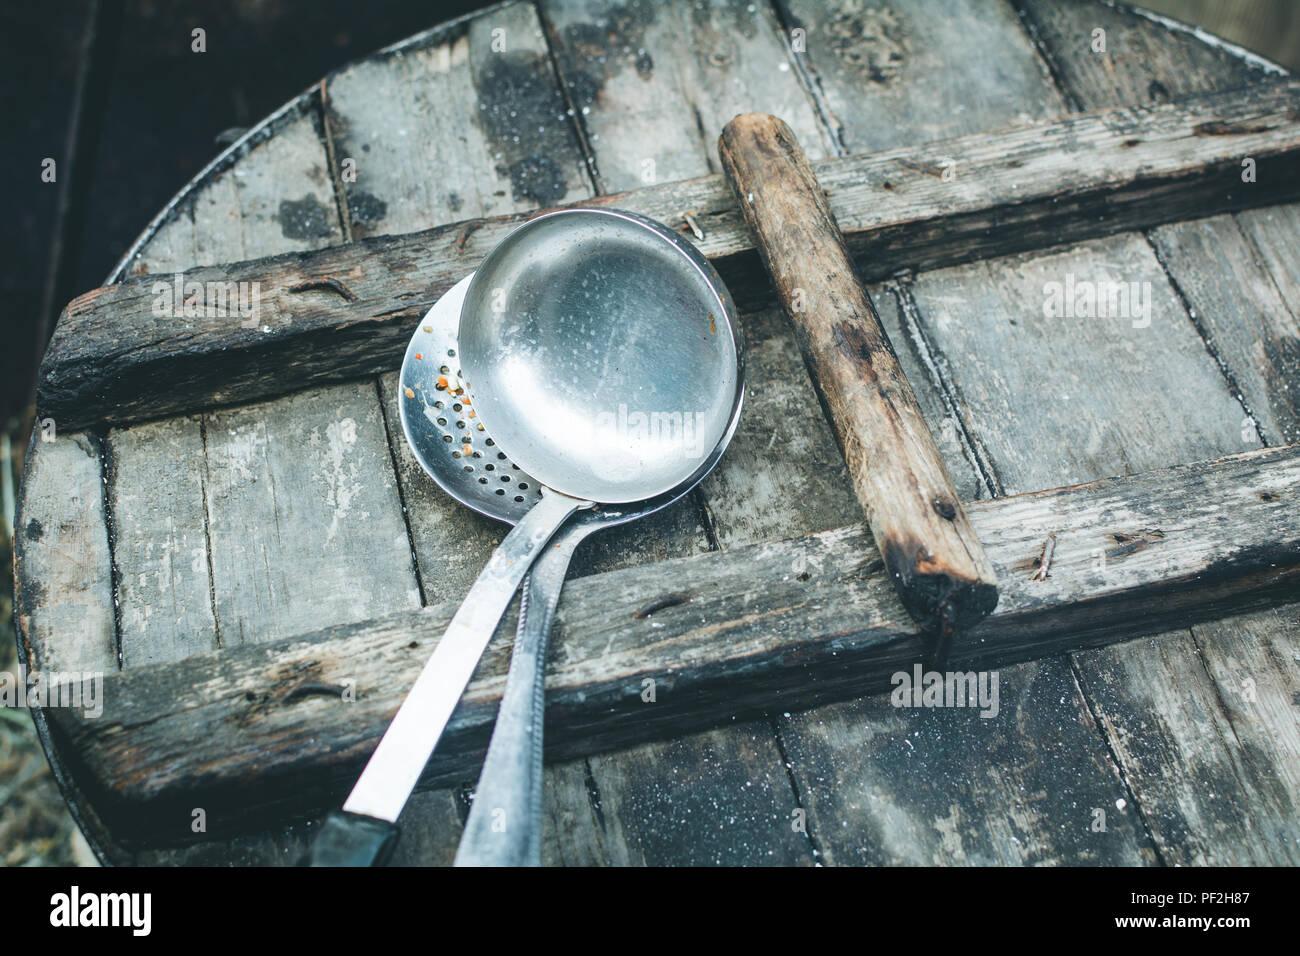 Utensil Ladle Food Home Stock Photos & Utensil Ladle Food Home Stock ...